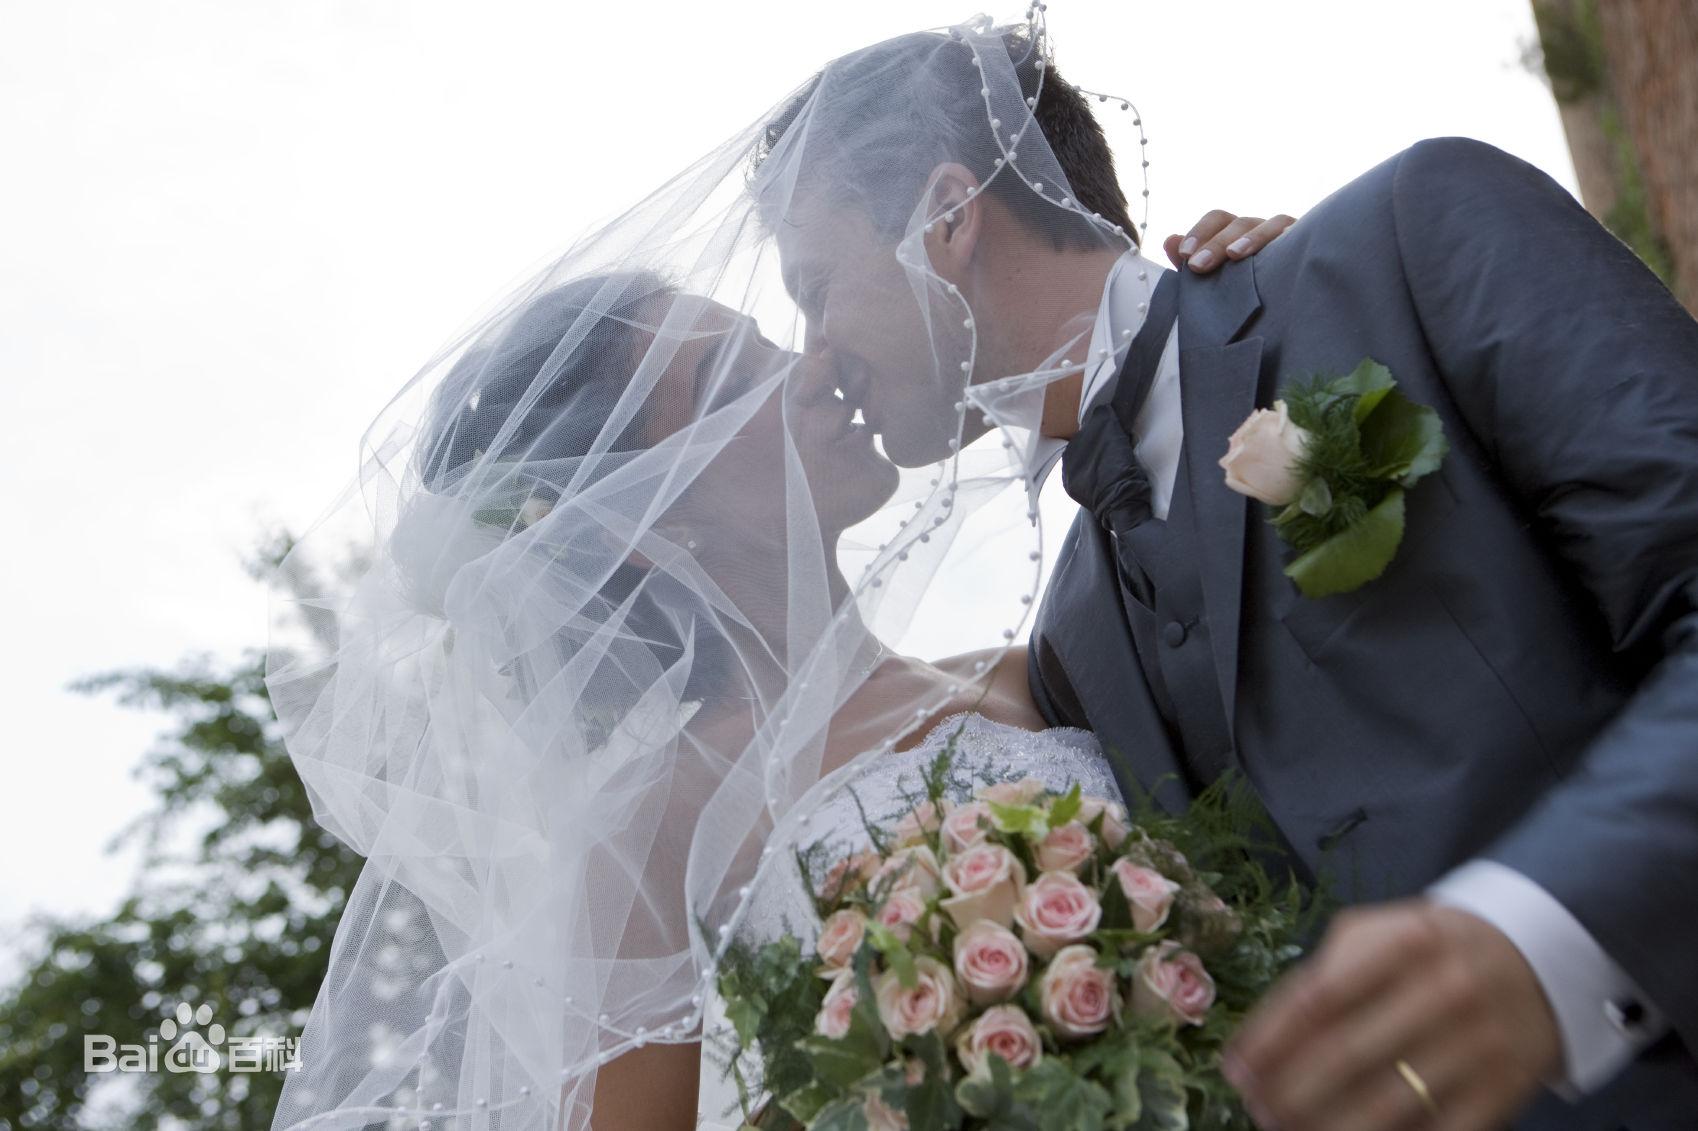 短篇精品小说《爱情太难,婚姻太痛》全文在线阅读